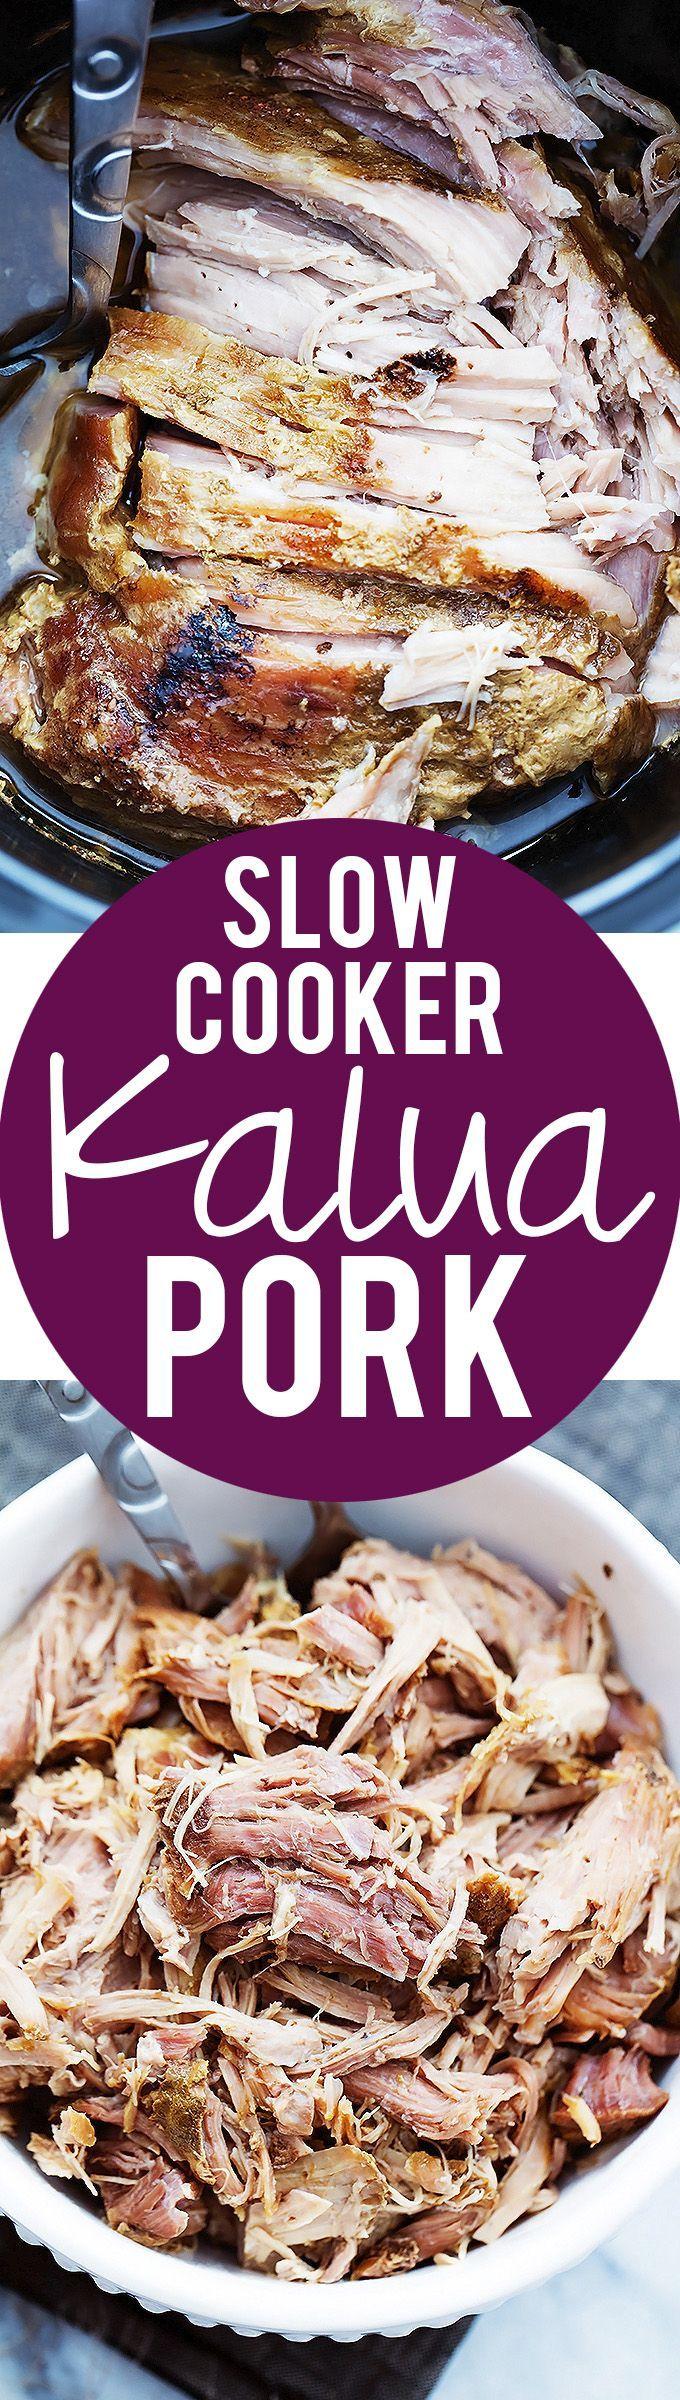 Slow Cooker Hawaiian-style Kalua Pork | Creme de la Crumb